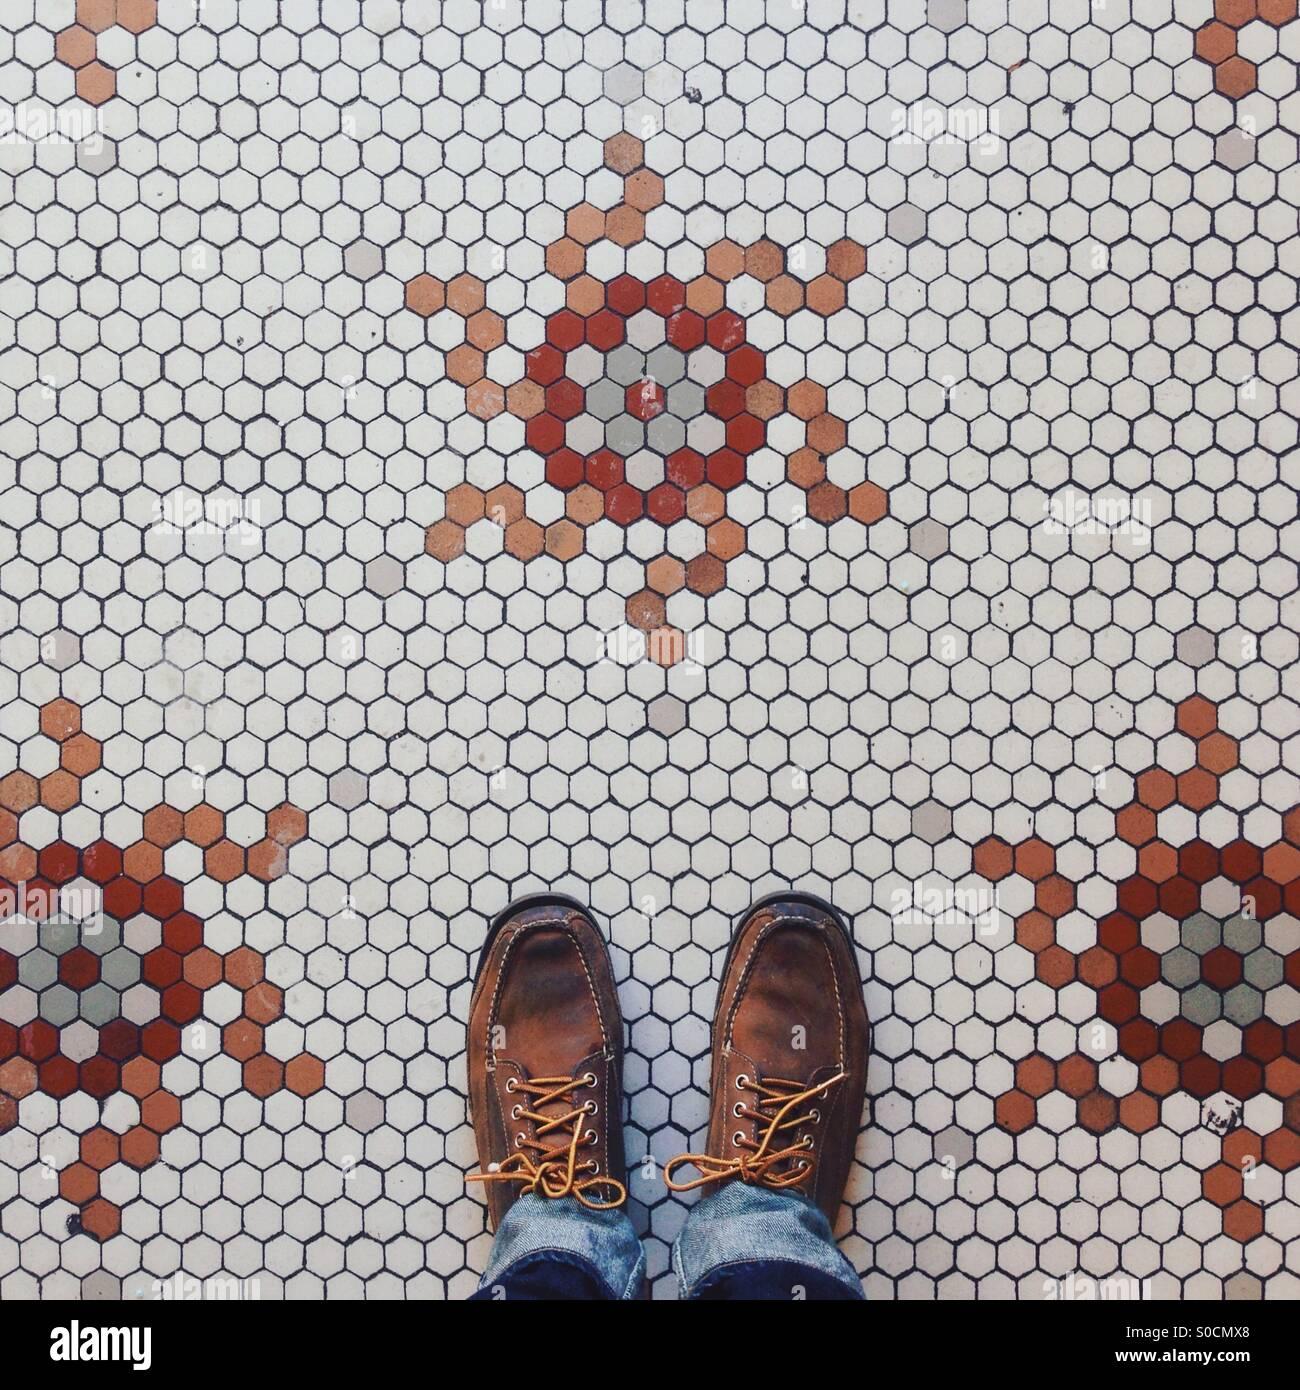 Fliesenboden und Füße Stockfoto